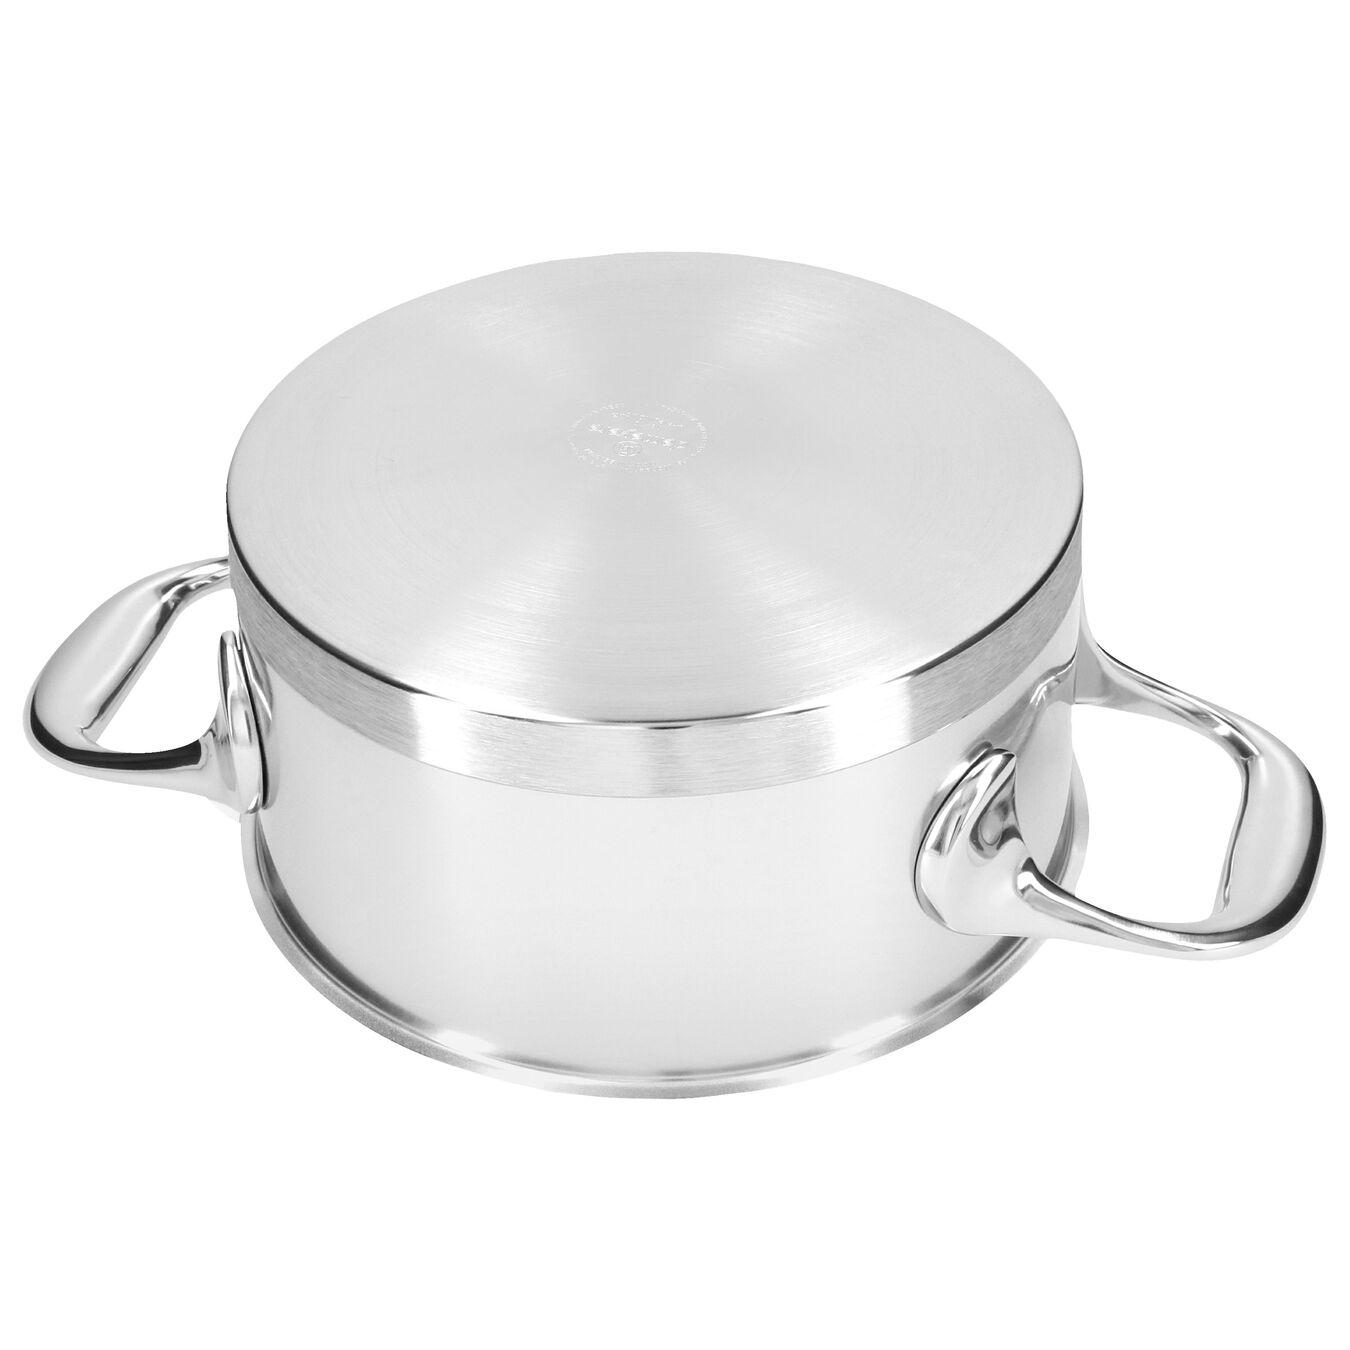 Kookpan met deksel 16 cm / 1.5 l,,large 4